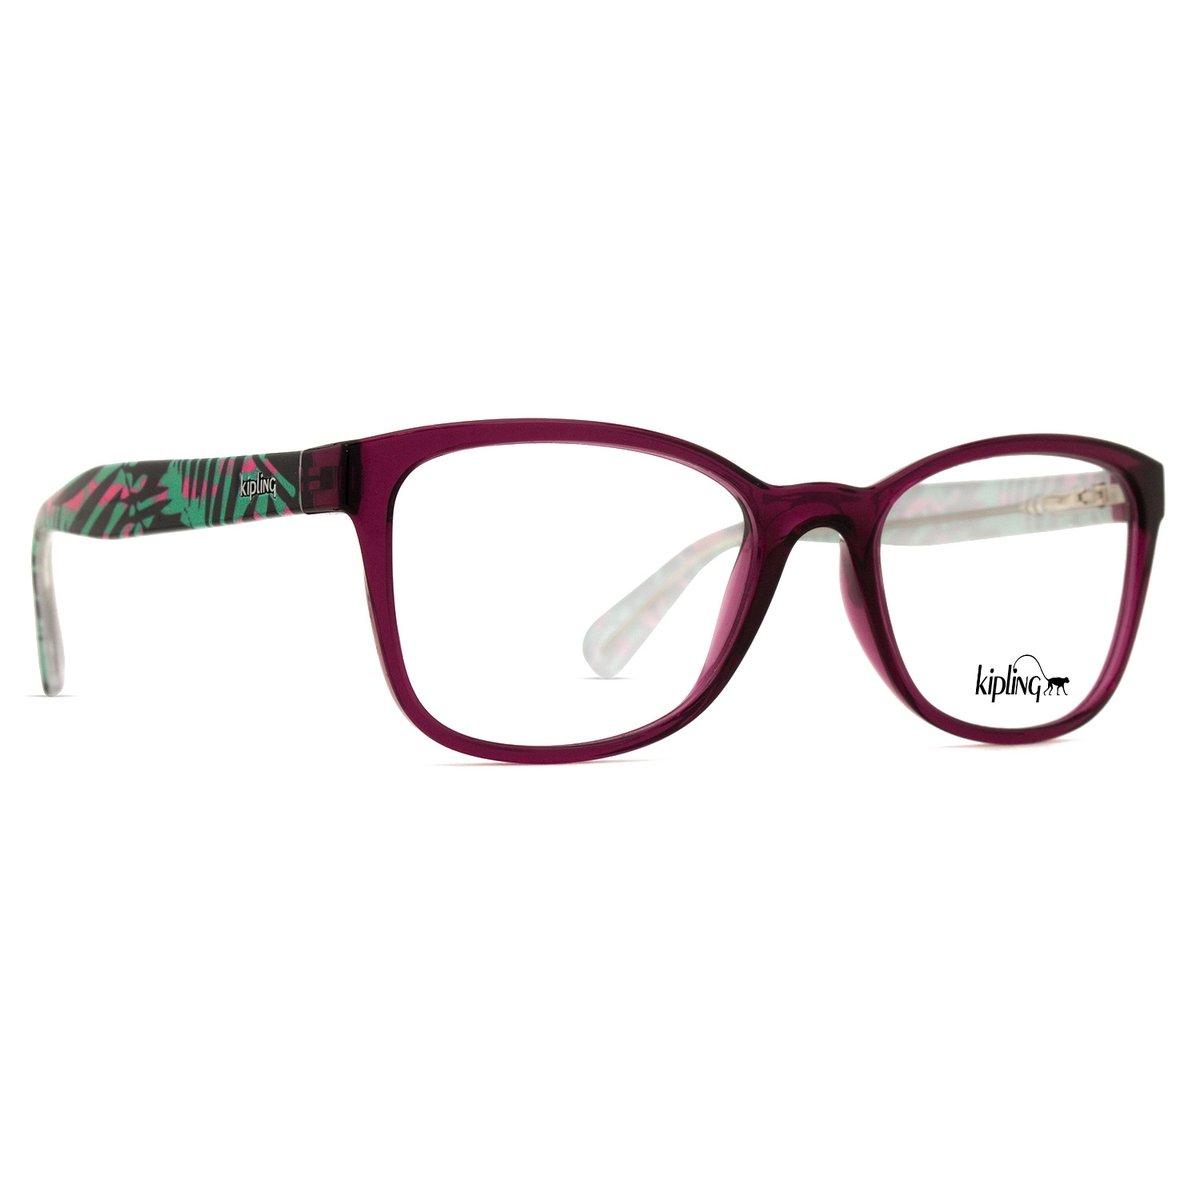 87ec31a3dad7f Armação de Óculos de Grau Kipling KP3082 E017-52 - Compre Agora ...